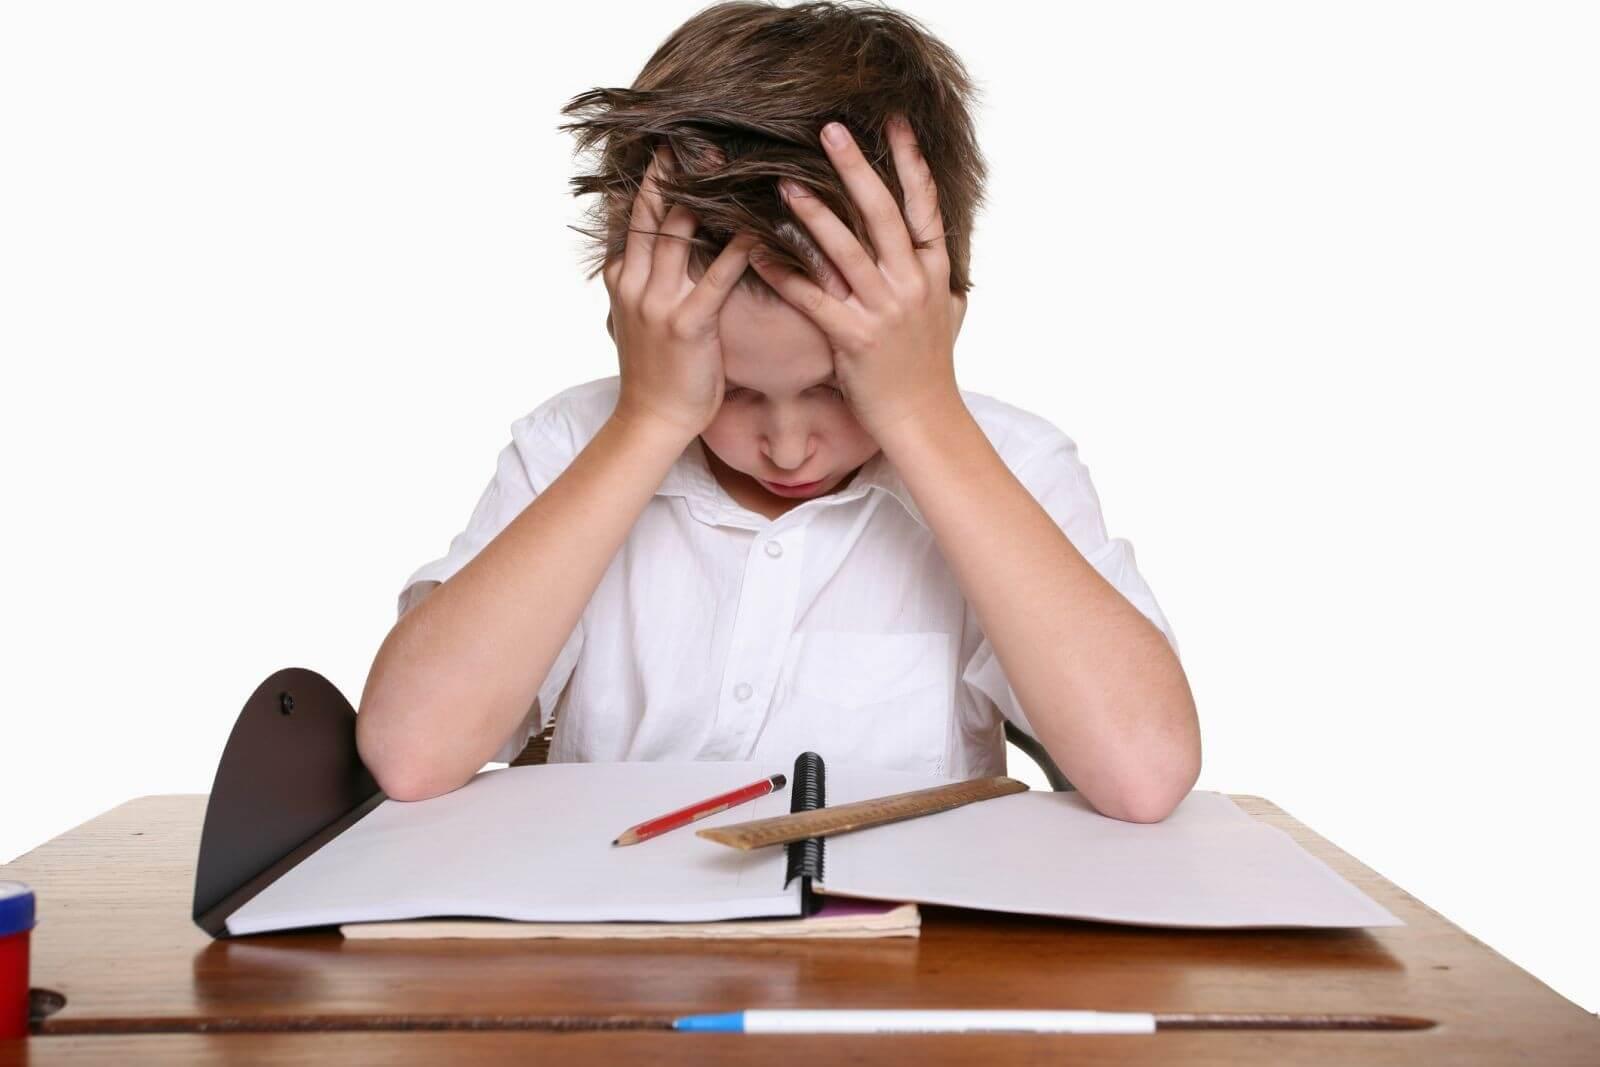 Áp lực học tập cũng là nguyên nhân dẫn đến đau đầu ở trẻ em